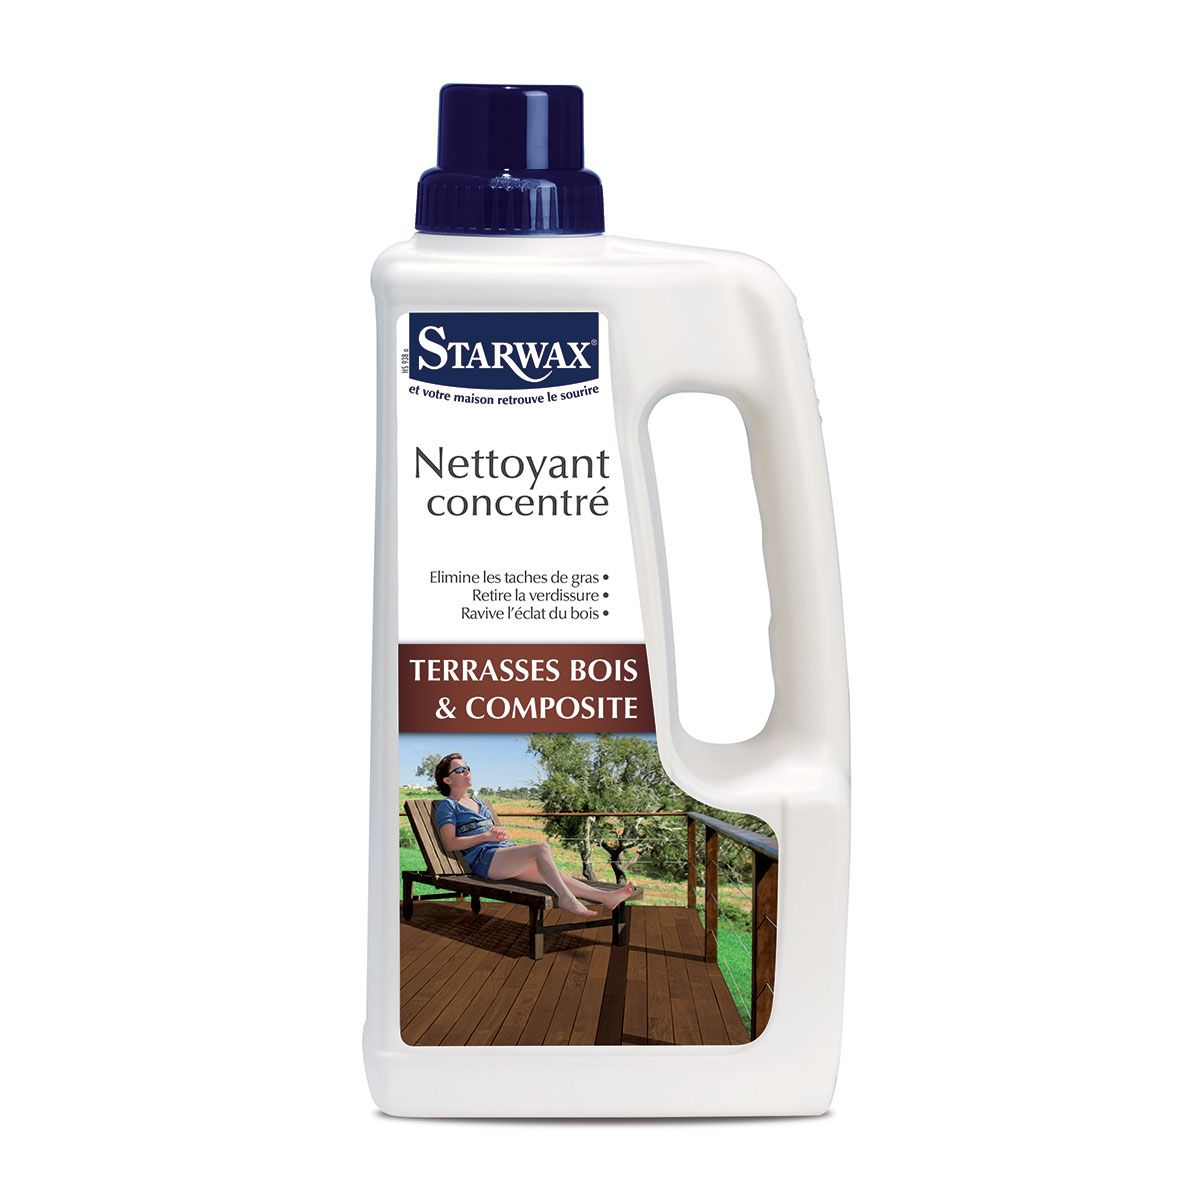 Nettoyant concentré pour terrasse en bois - Starwax